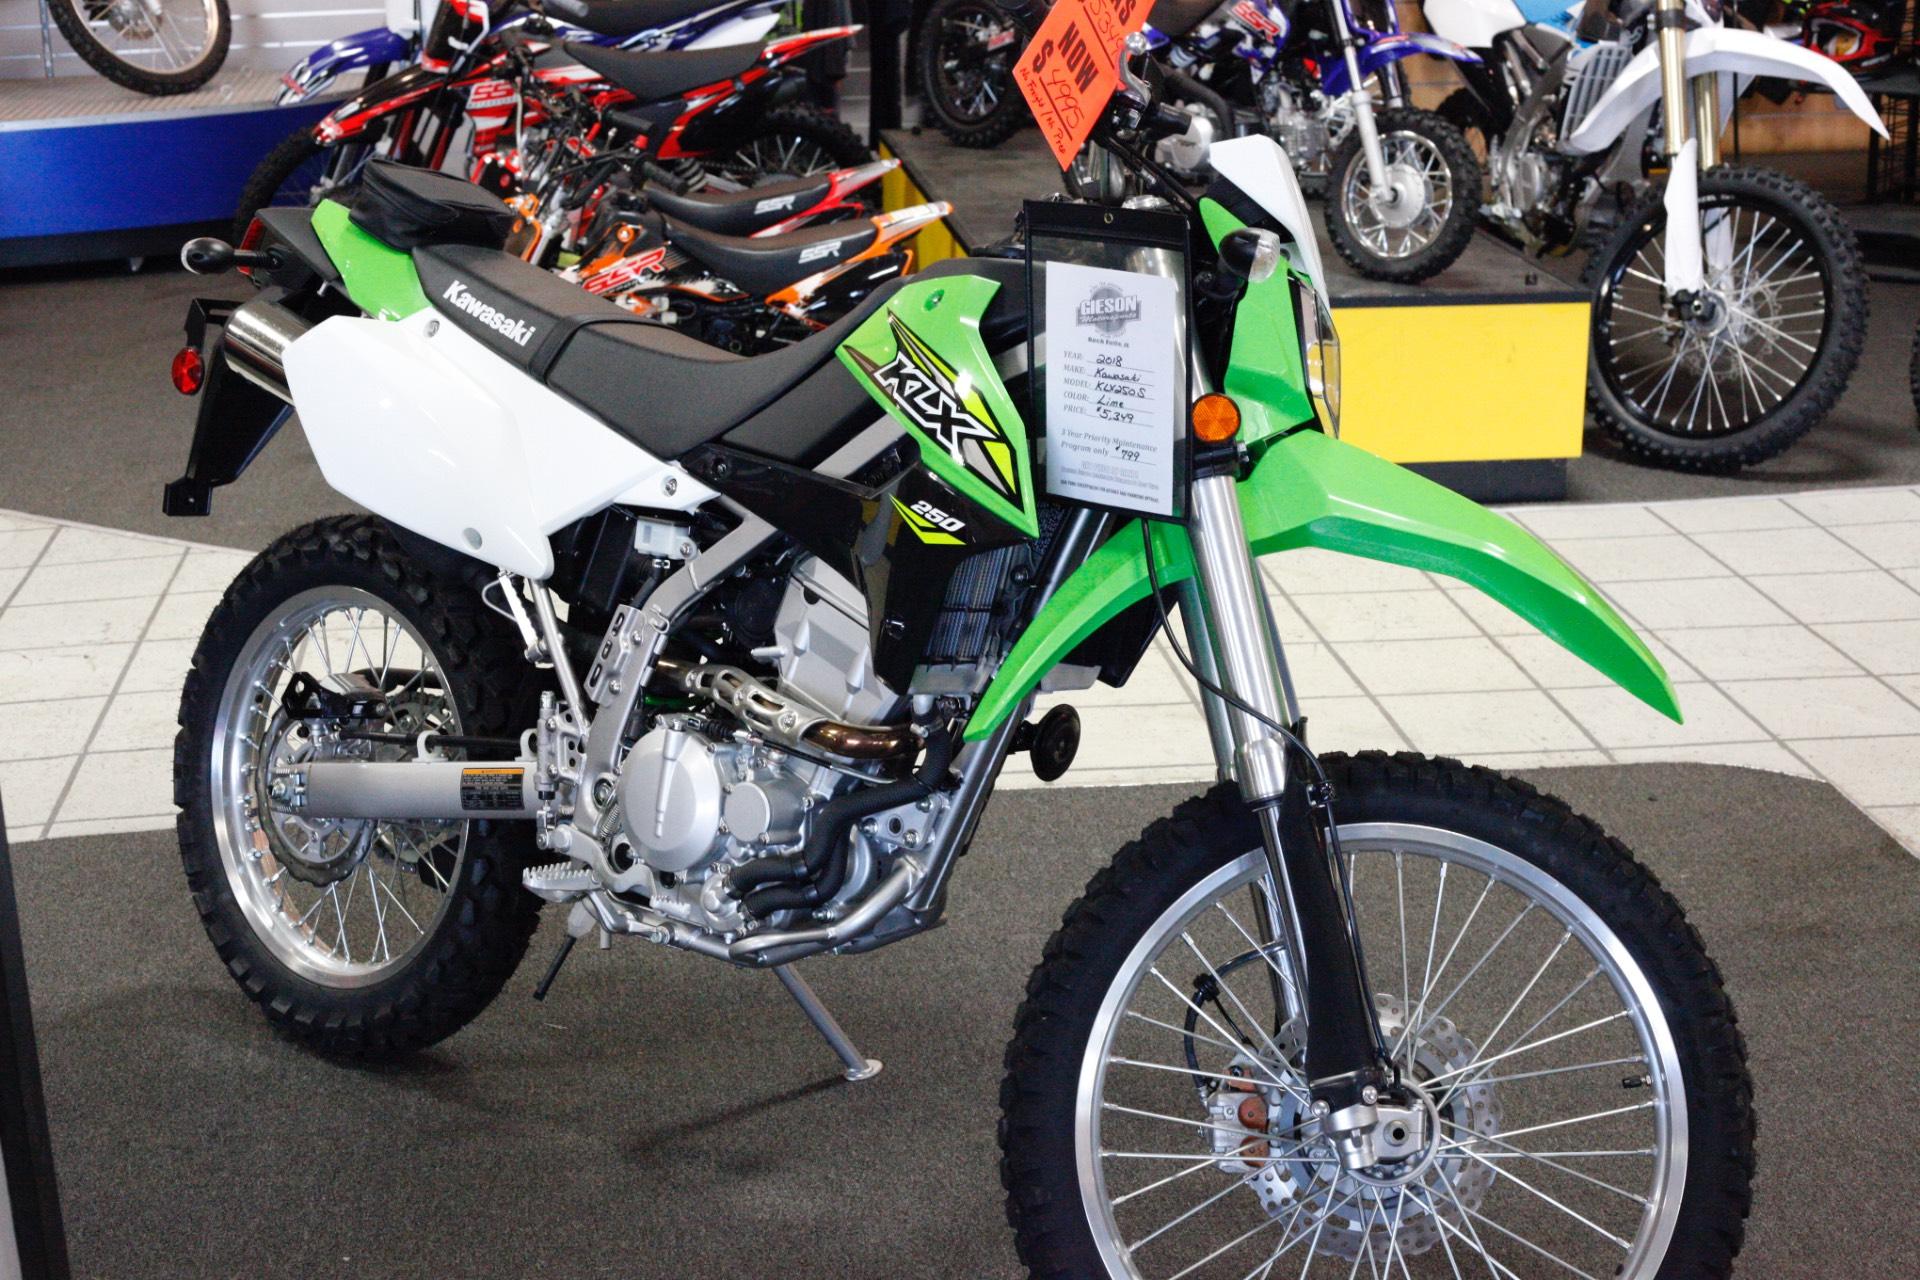 New 2018 Kawasaki Klx 250 Motorcycles In Rock Falls Il Wiring Harness Illinois